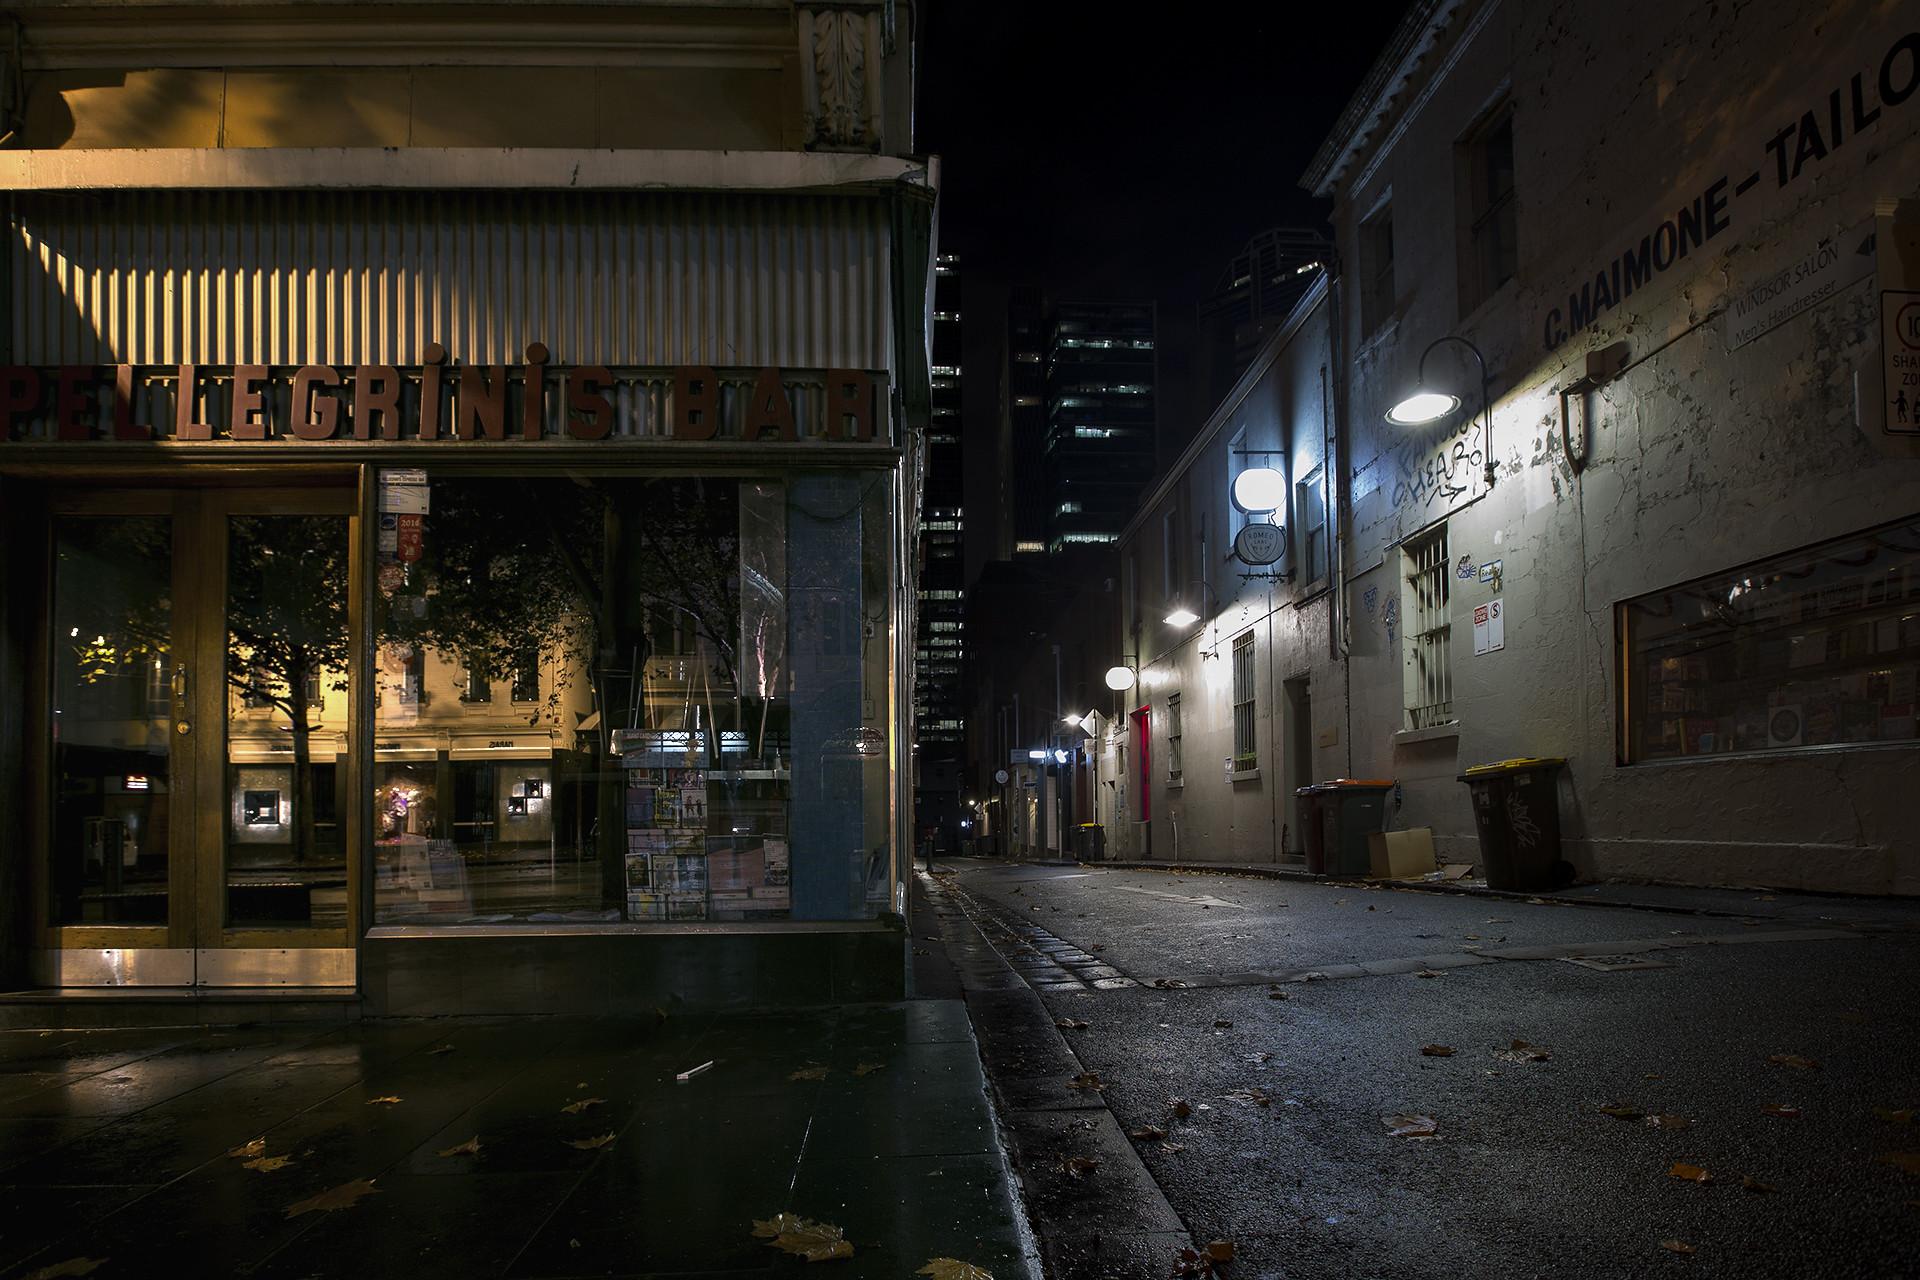 Закрытые заведения ночью